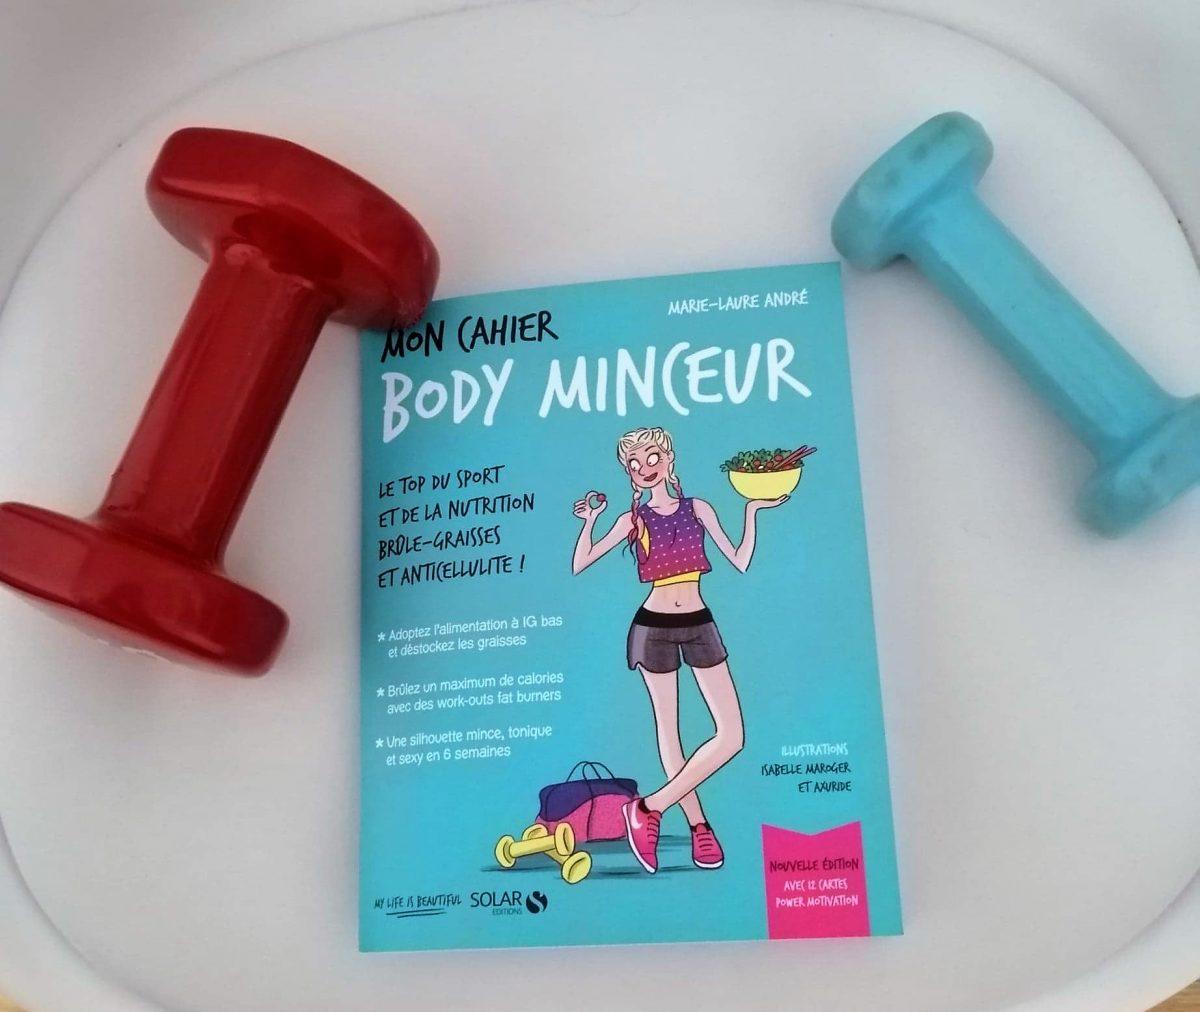 défi forme - body minceur- IG bas - nutrition - forme - minceur